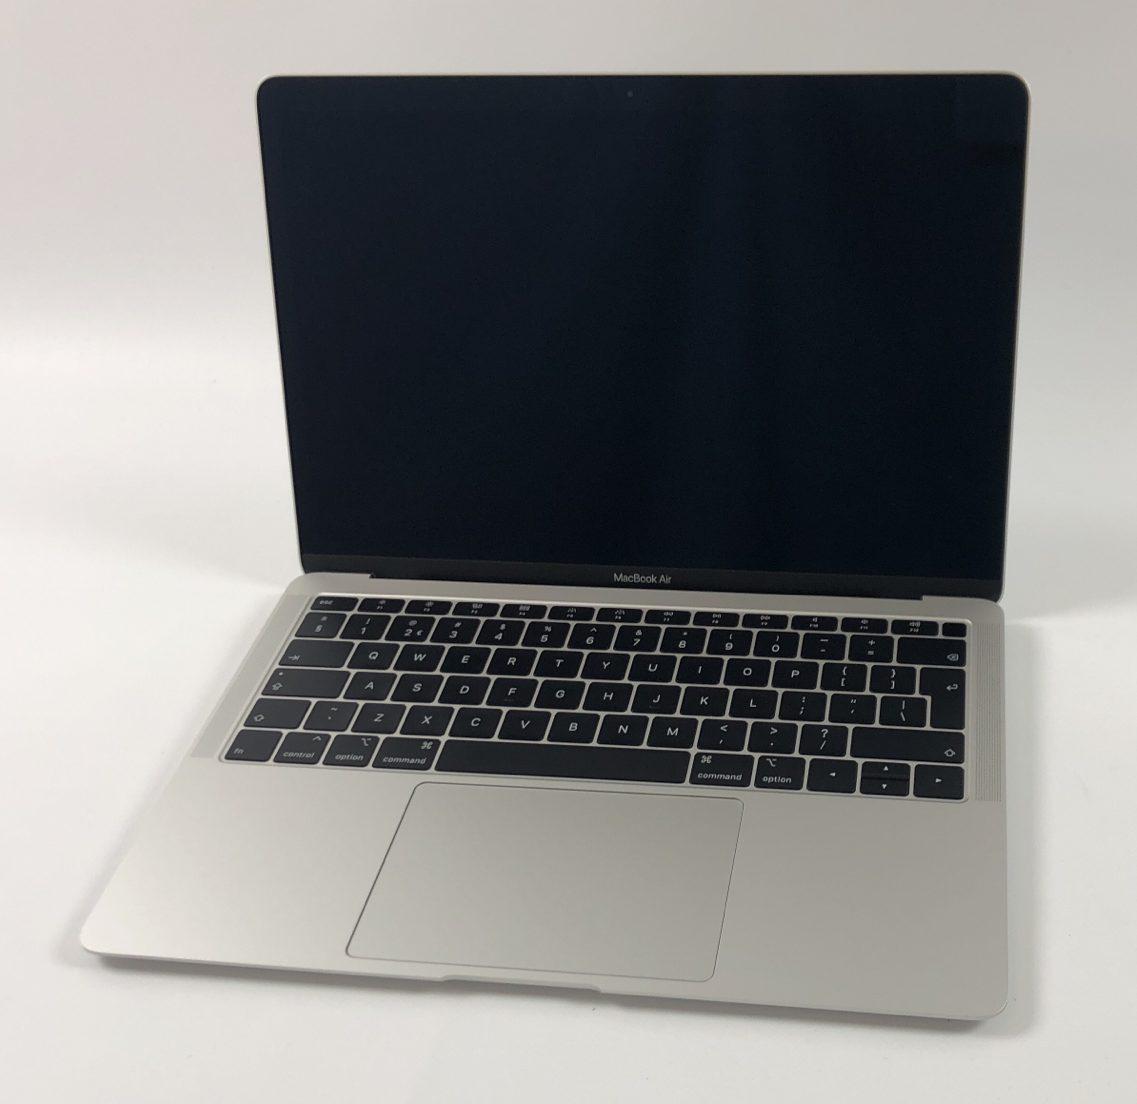 """MacBook Air 13"""" Late 2018 (Intel Core i5 1.6 GHz 8 GB RAM 256 GB SSD), Silver, Intel Core i5 1.6 GHz, 8 GB RAM, 256 GB SSD, Afbeelding 1"""